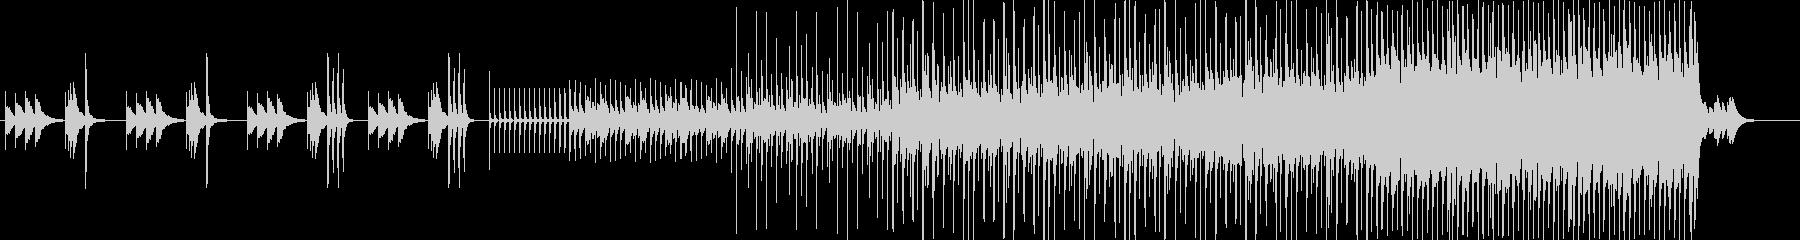 鉄琴で最後は激しいインスト曲の未再生の波形